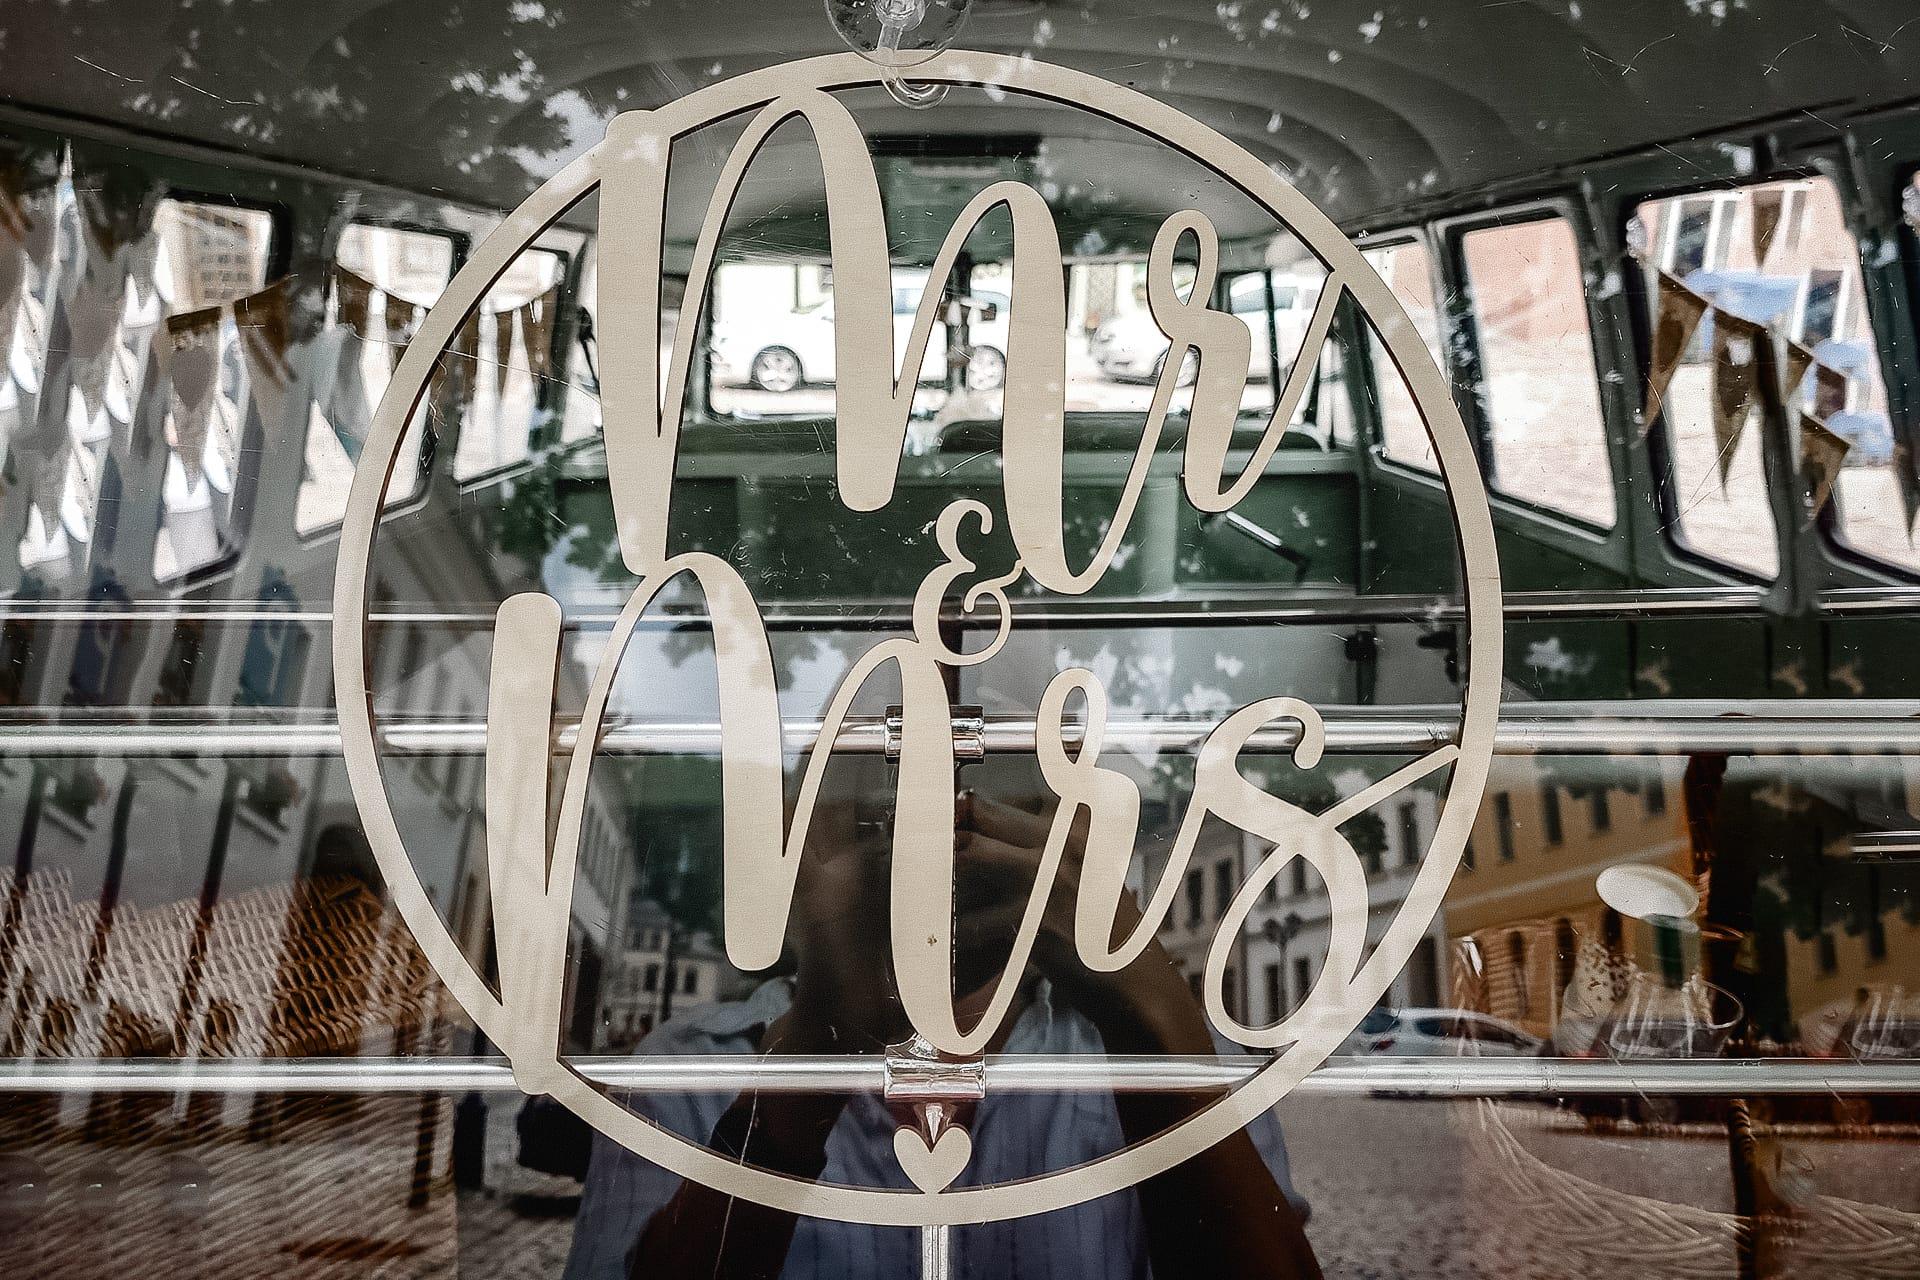 Autodekoration aus Holz an einer Heckscheibe eines VW Bulli als Hochzeitsauto mit der Aufschrift Mr. & Mrs.